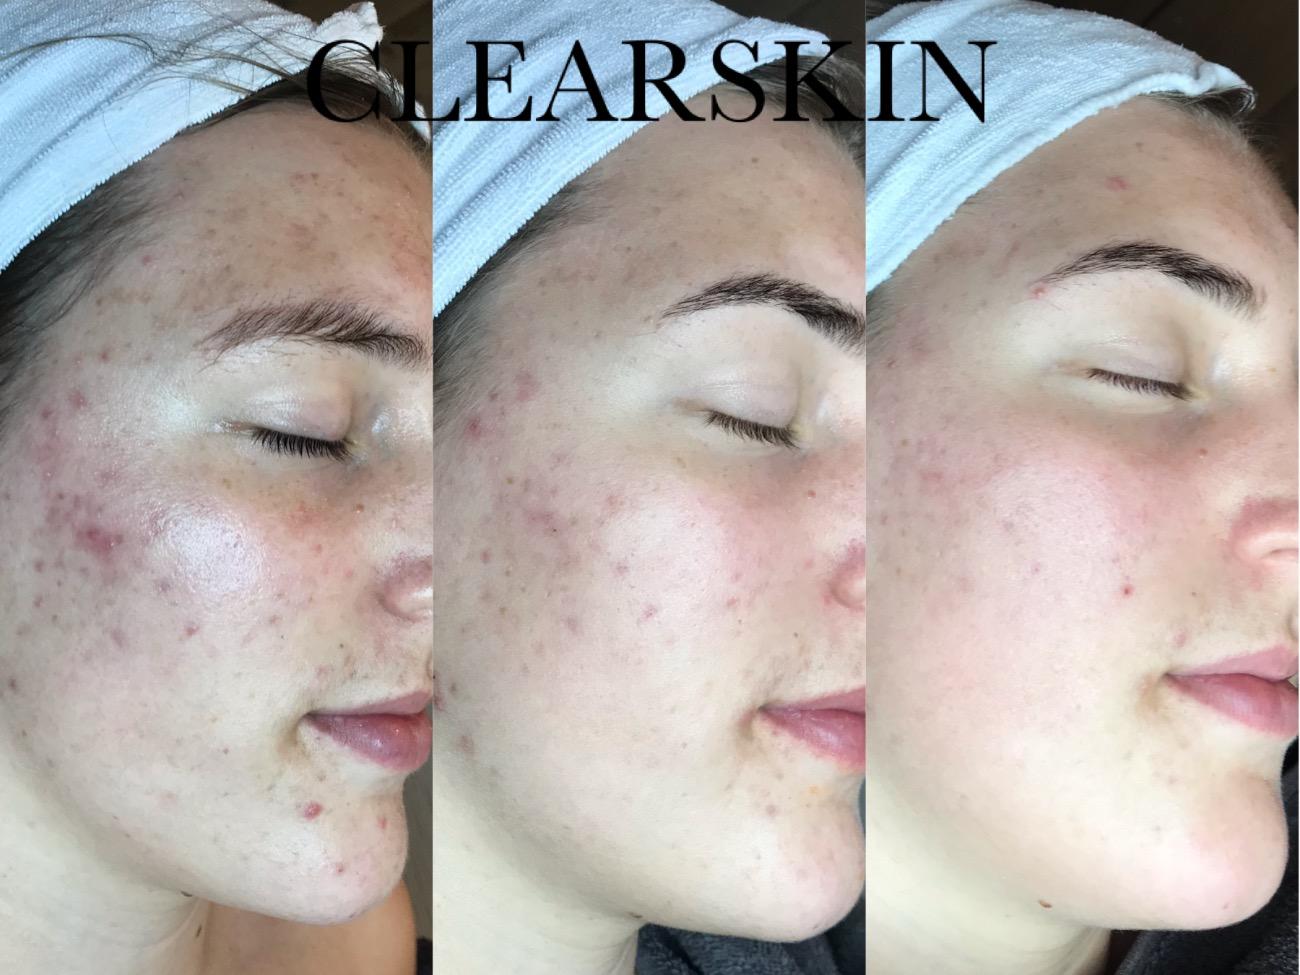 Acne littekens resultaat fotos